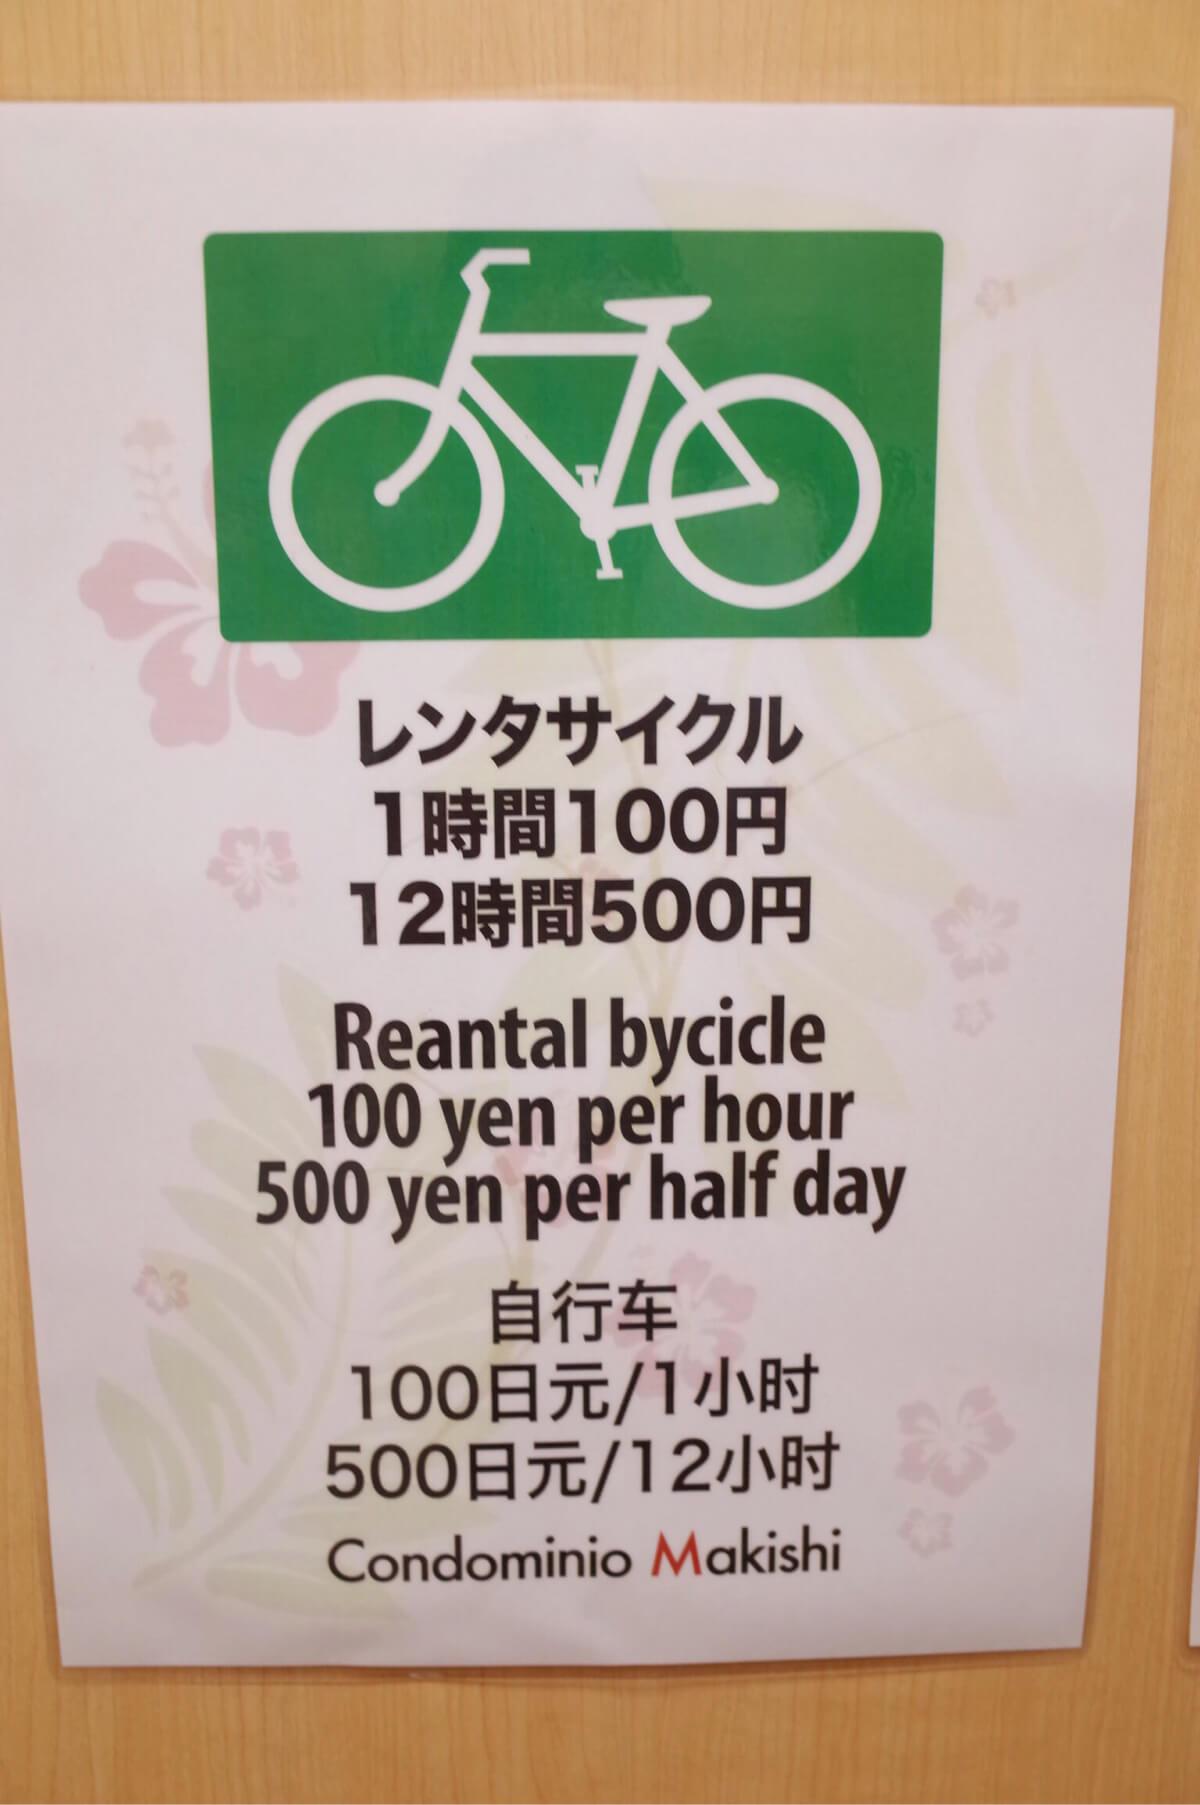 沖縄 那覇 牧志 国際通り コンドミニオマキシ 自転車